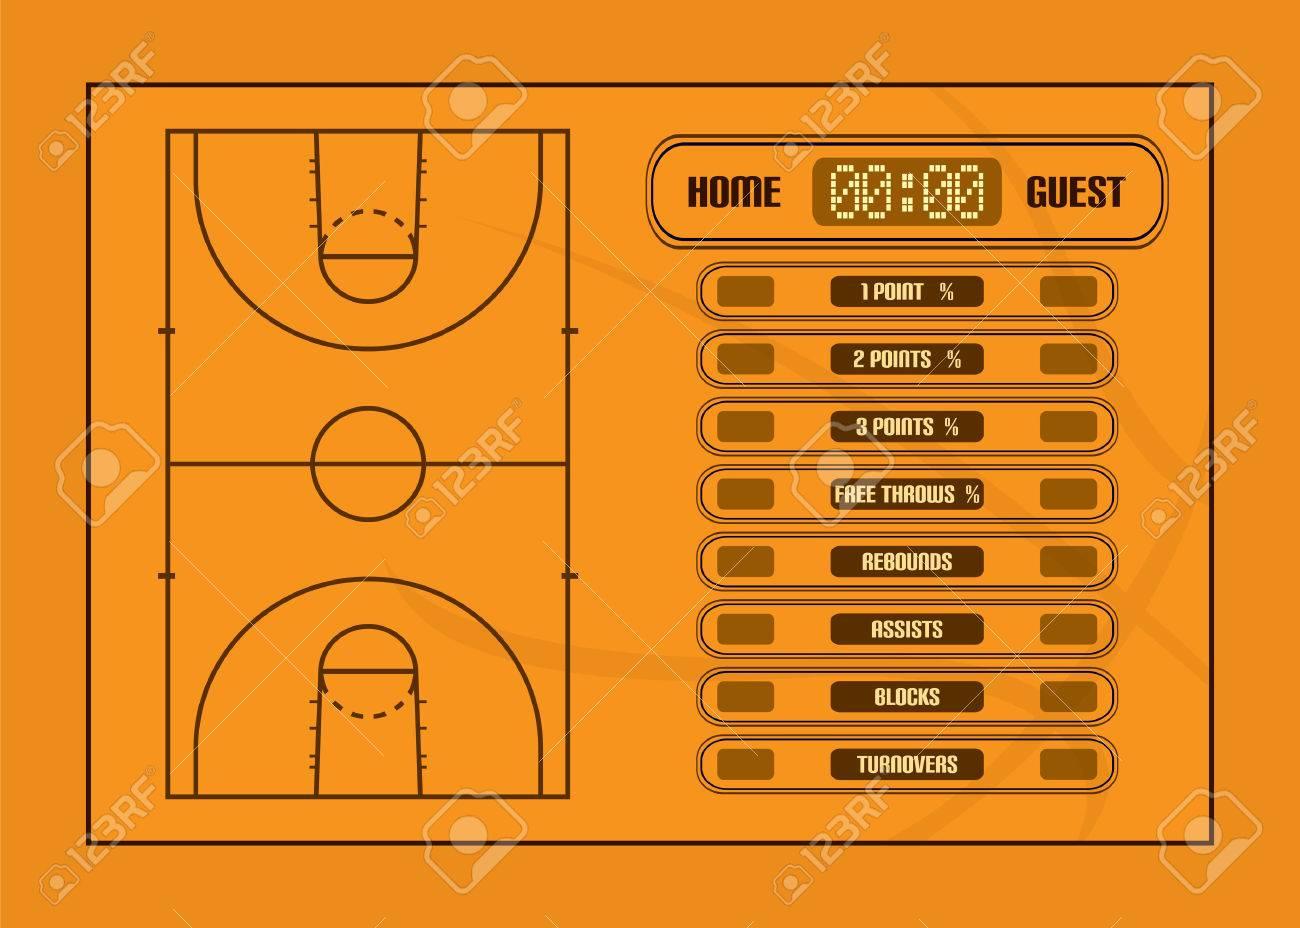 Partido De Baloncesto Ilustración Report Basketball Estadísticas Judiciales Y De Juego De Vectores Ilustraciones Vectoriales Clip Art Vectorizado Libre De Derechos Image 46407580